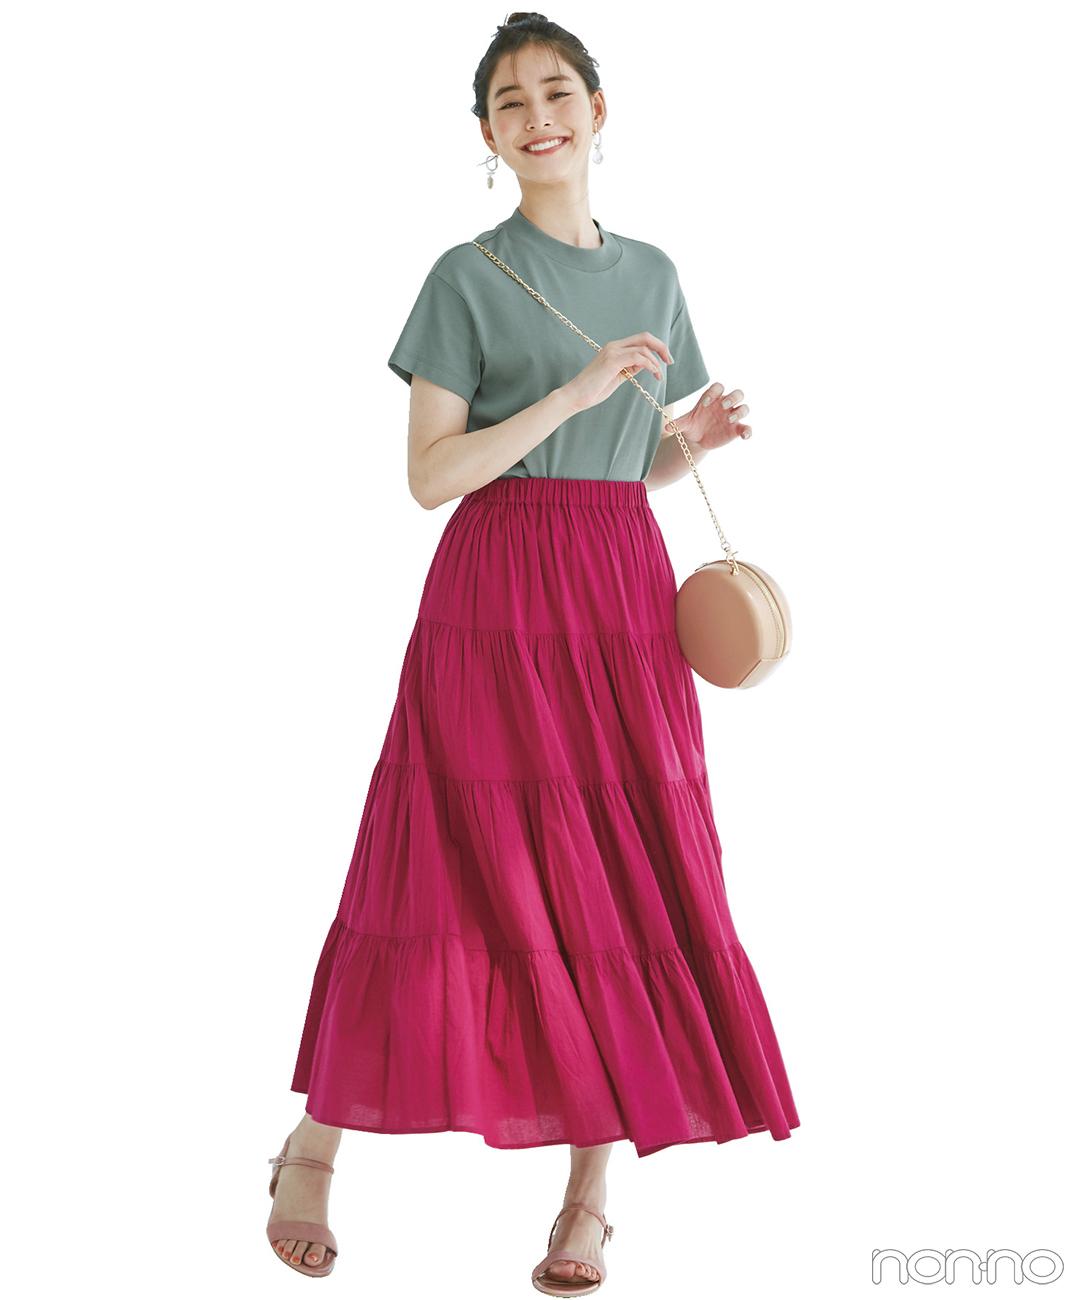 新木優子はメリハリ配色で真夏のコーデを新鮮に!【毎日コーデ】